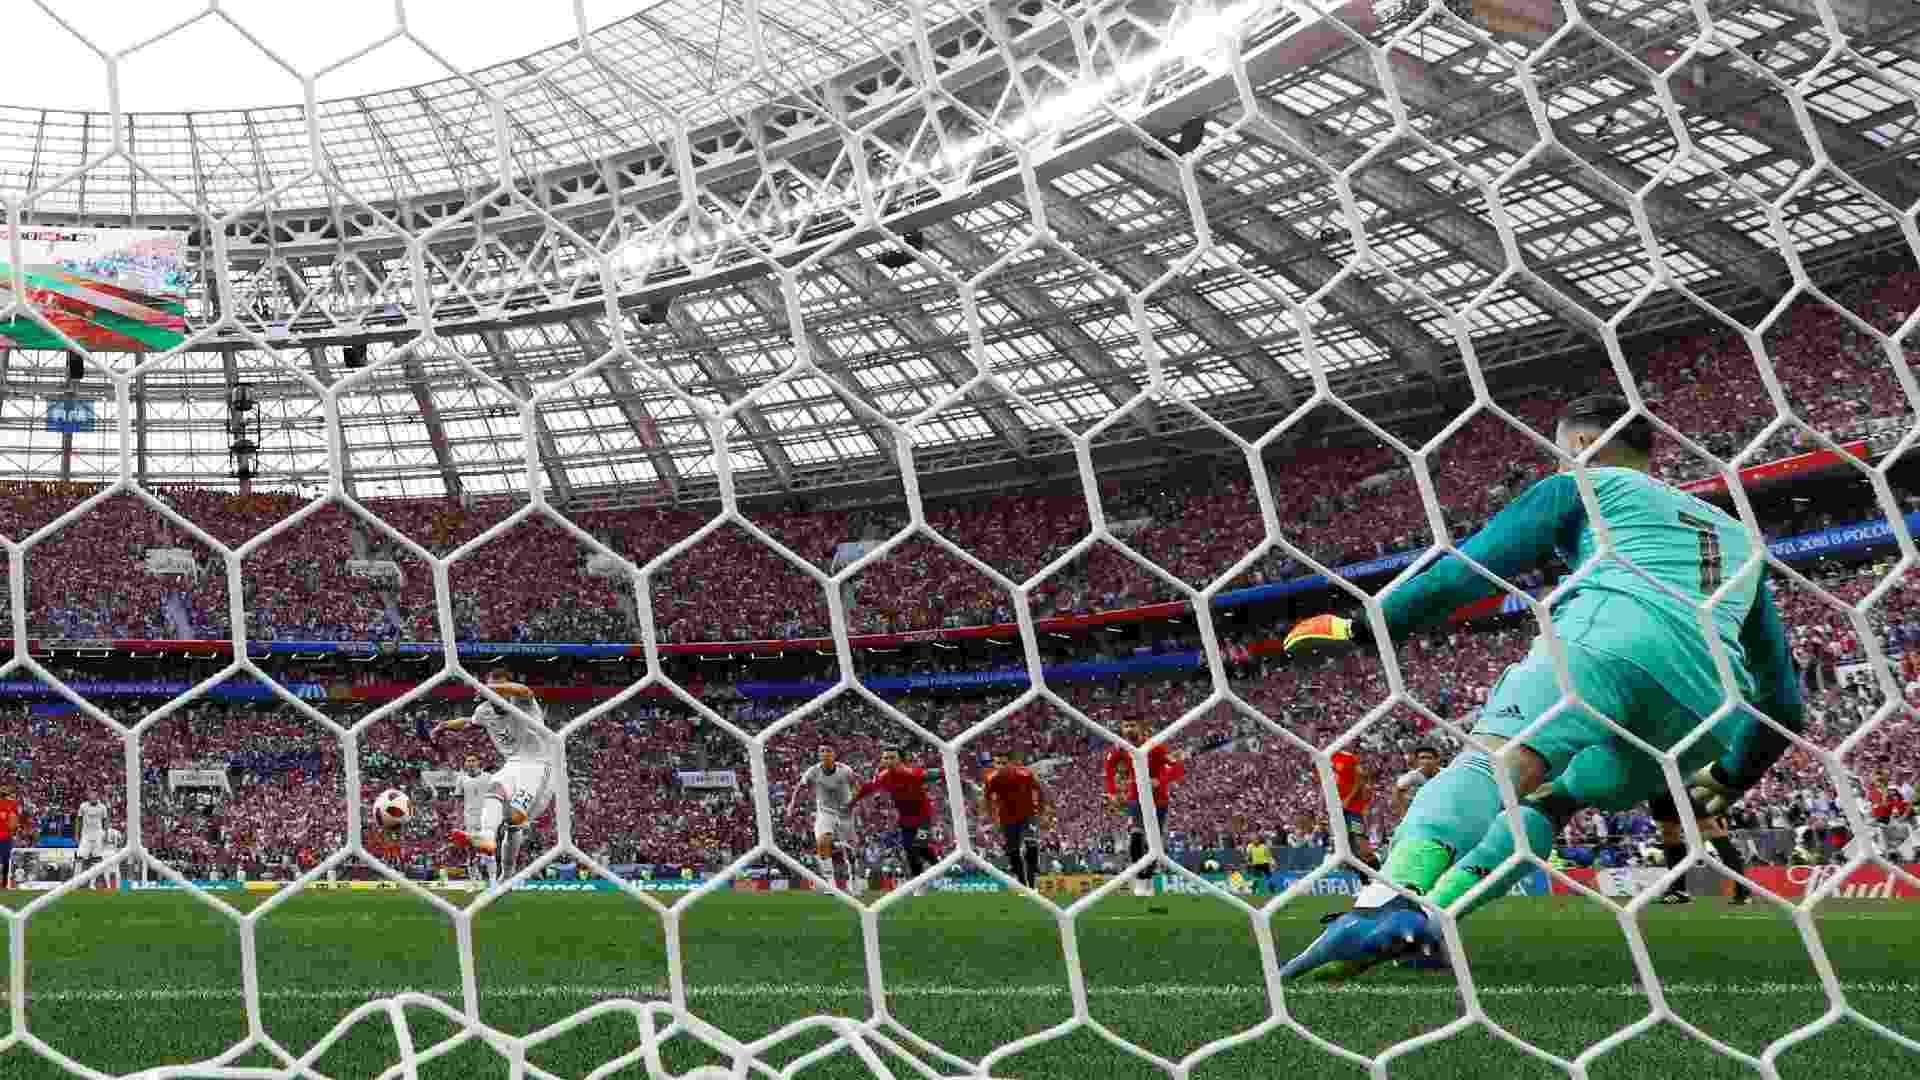 O atacante Artem Dzyuba faz de pênalti o gol de empate da Rússia contra a Espanha - Kai Pfaffenbach/Reuters